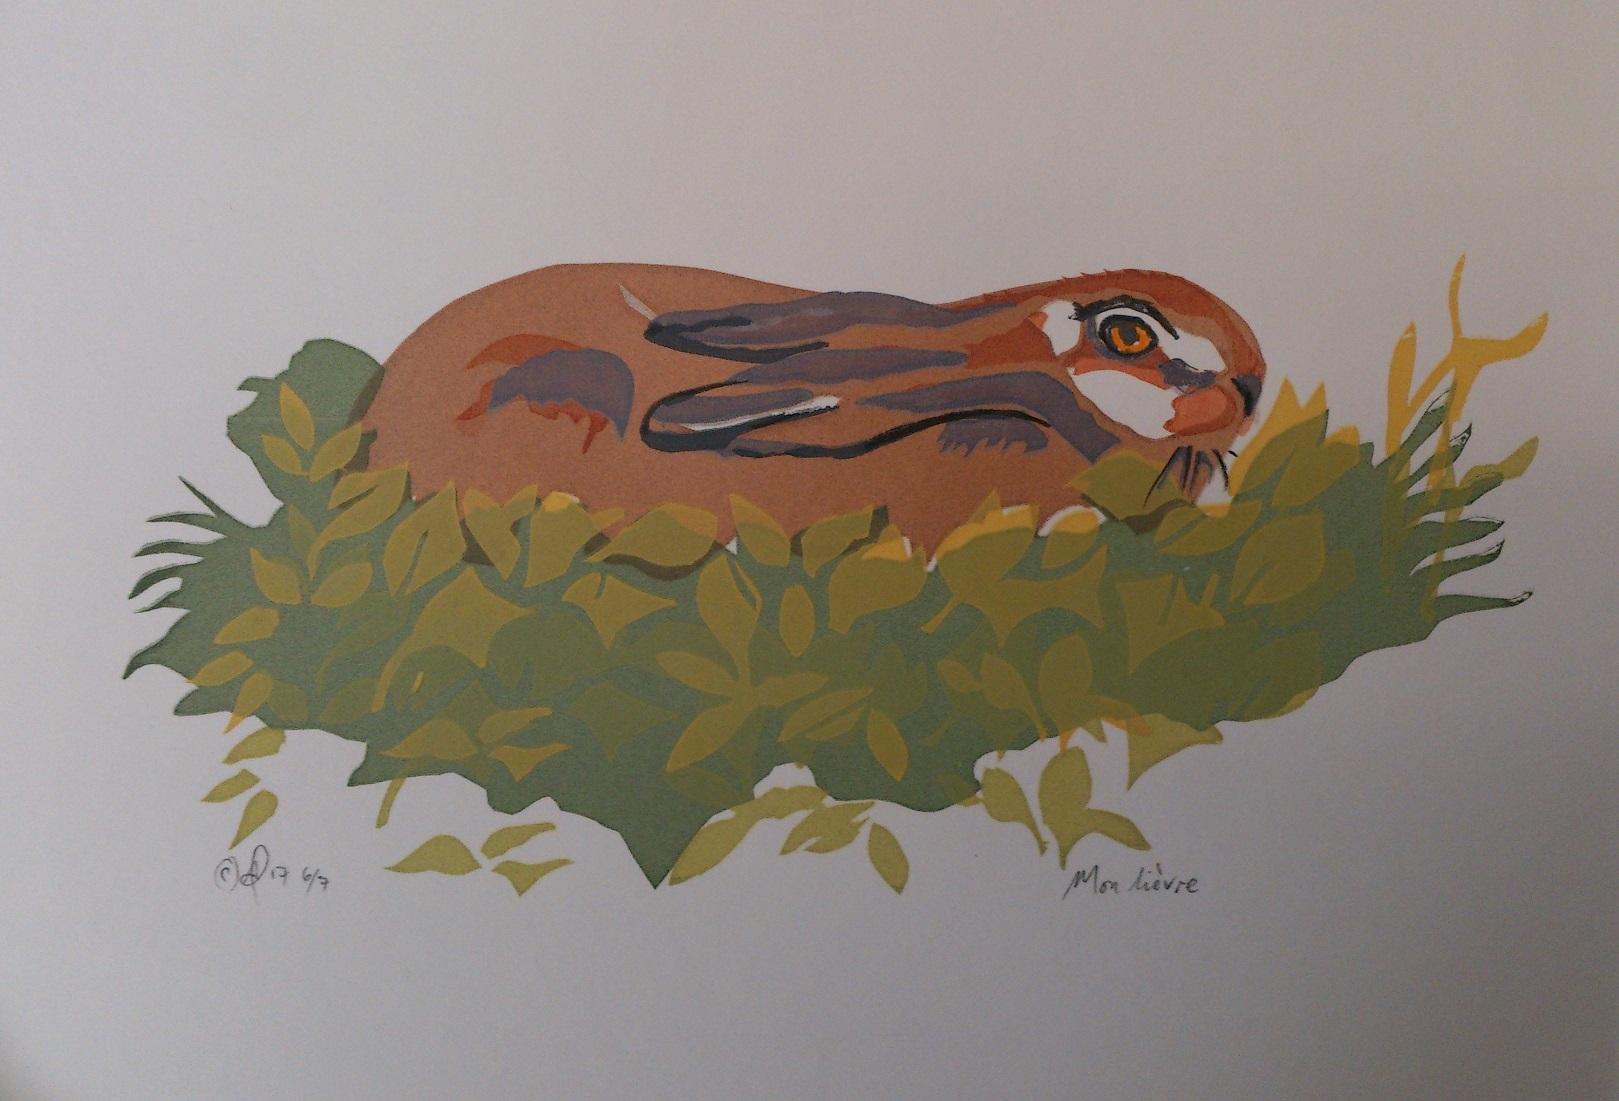 My Hare